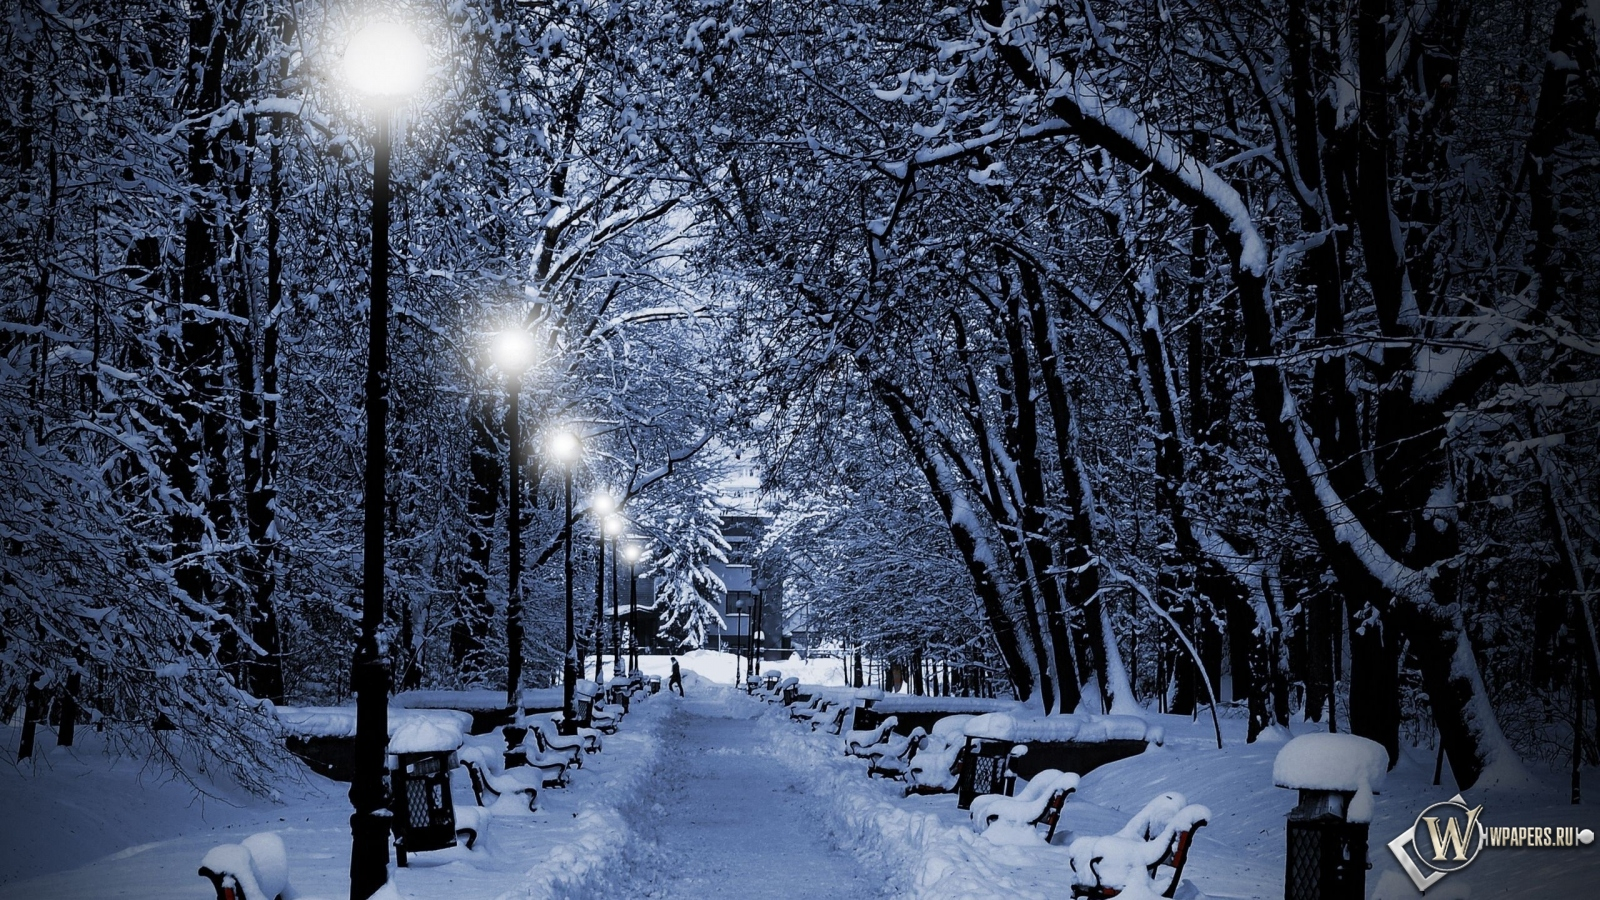 Аллея зимой 1600x900